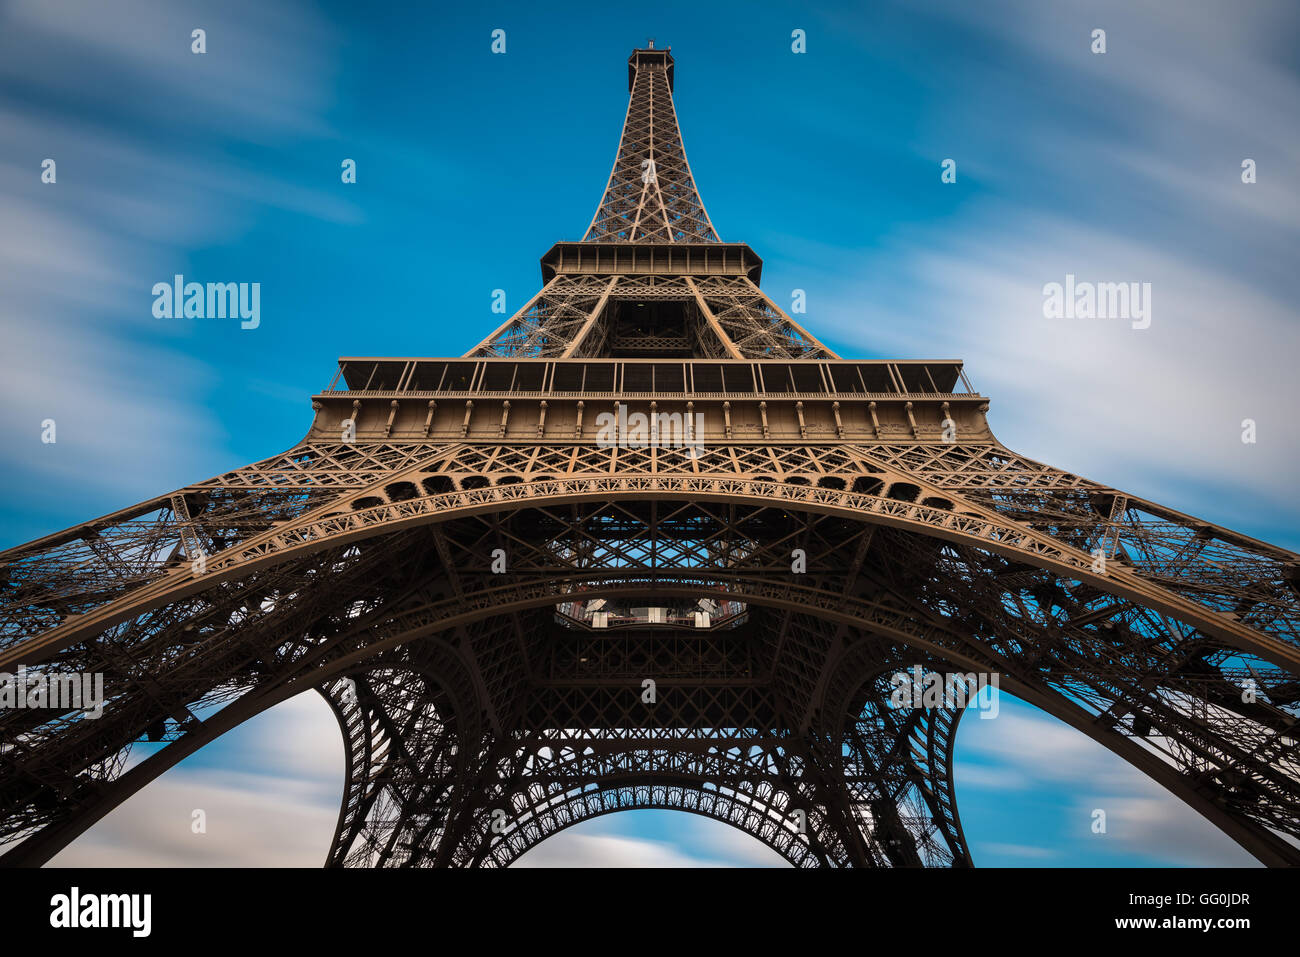 The Eiffel Tower (La tour Eiffel) on the Champ de Mars in Paris, France - Stock Image